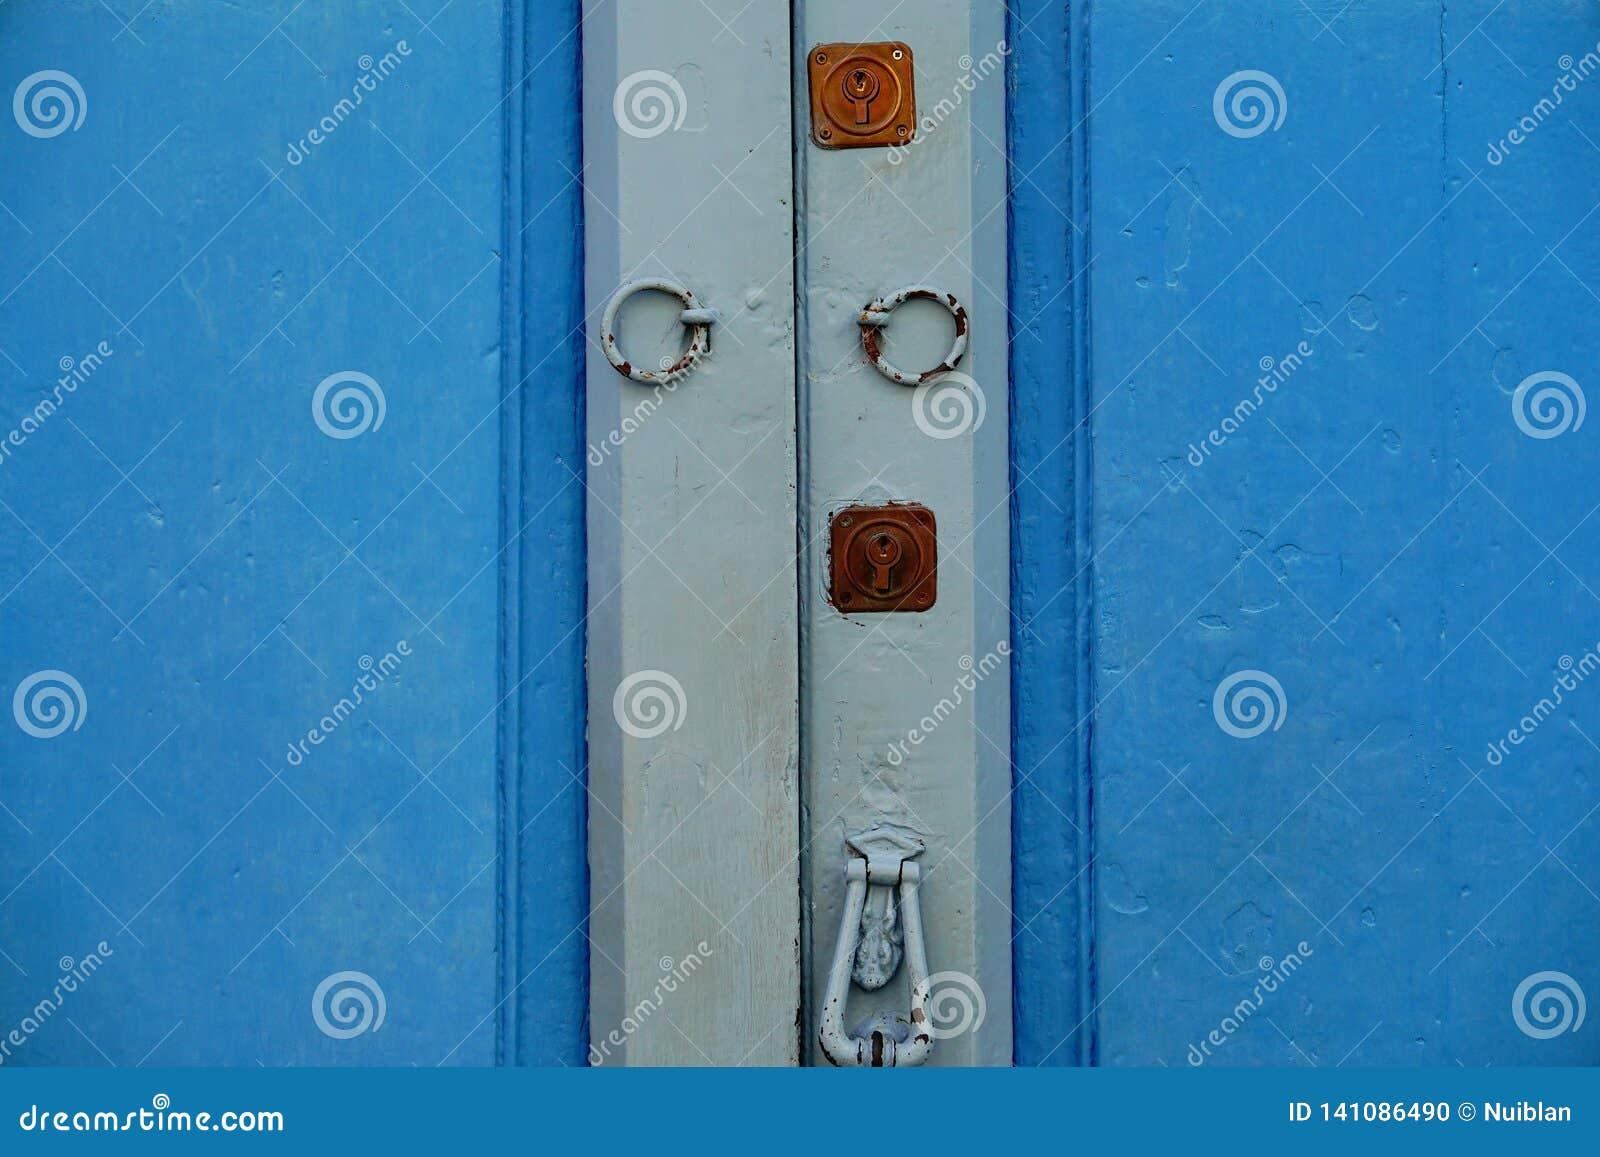 Wooden door with lock and knocker